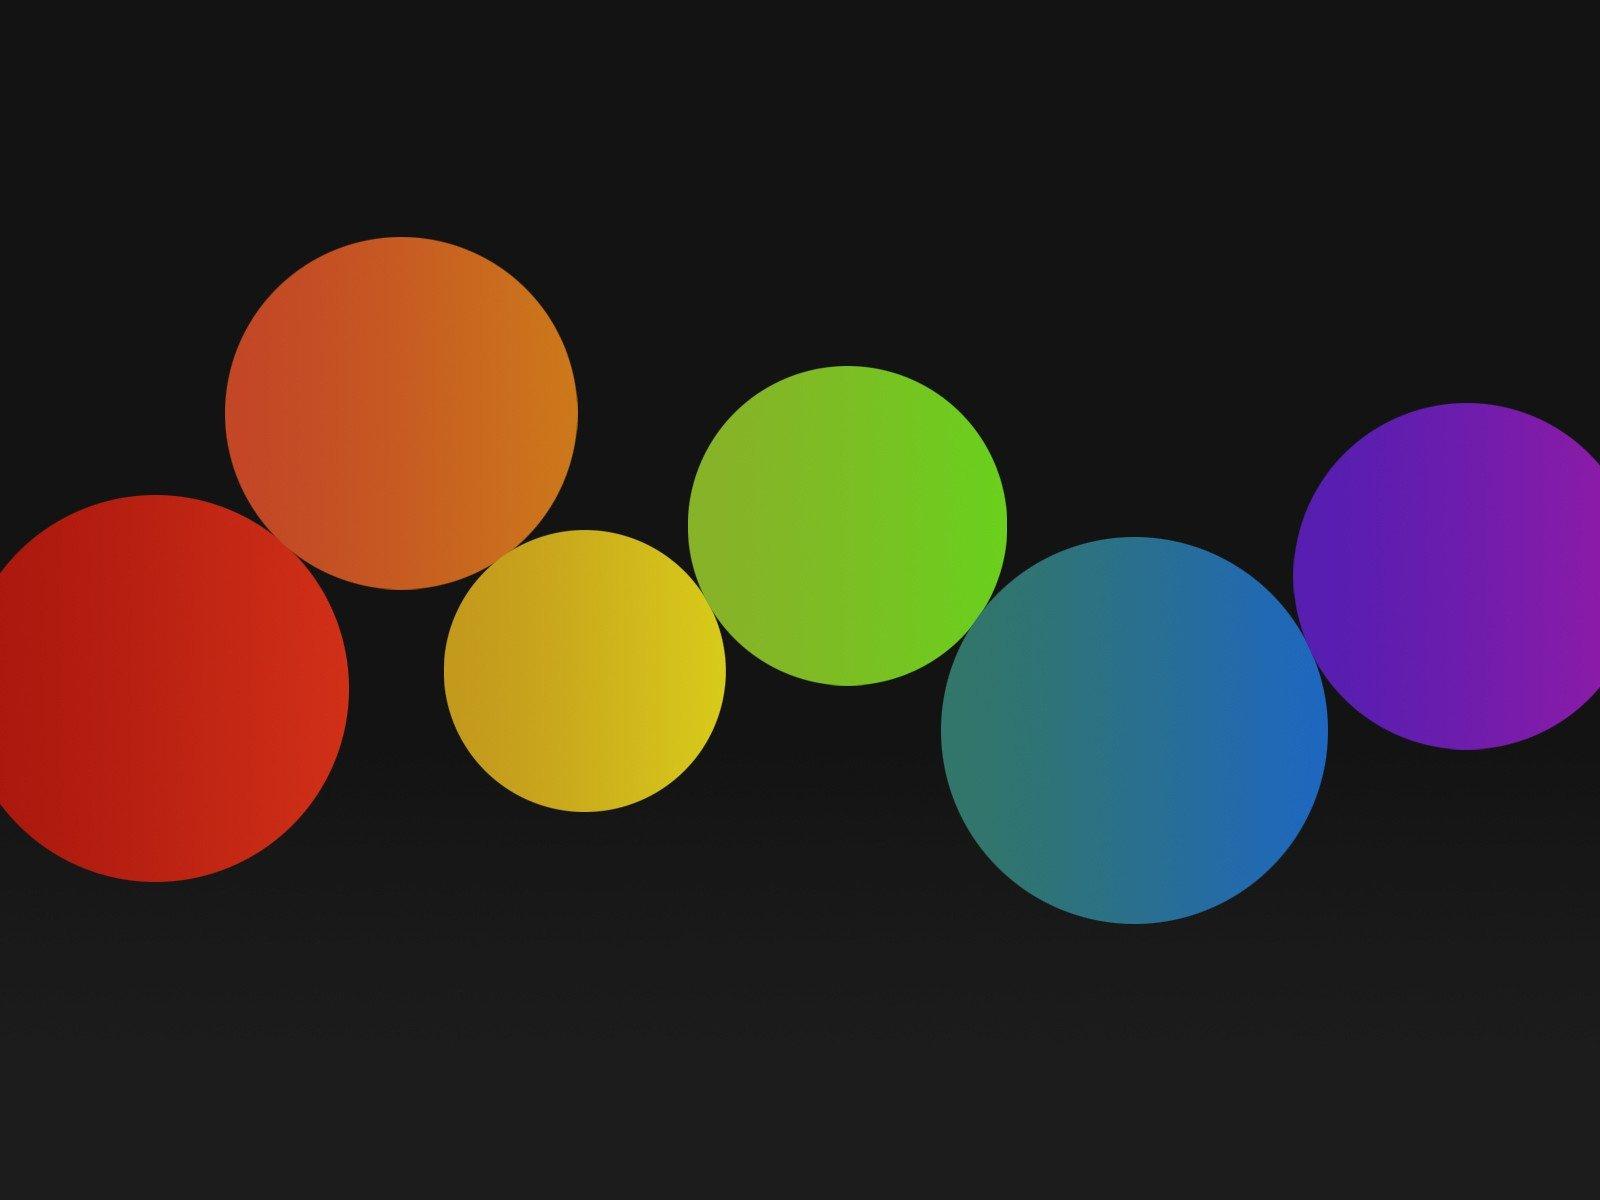 circle, Spectrum, Minimalism Wallpaper